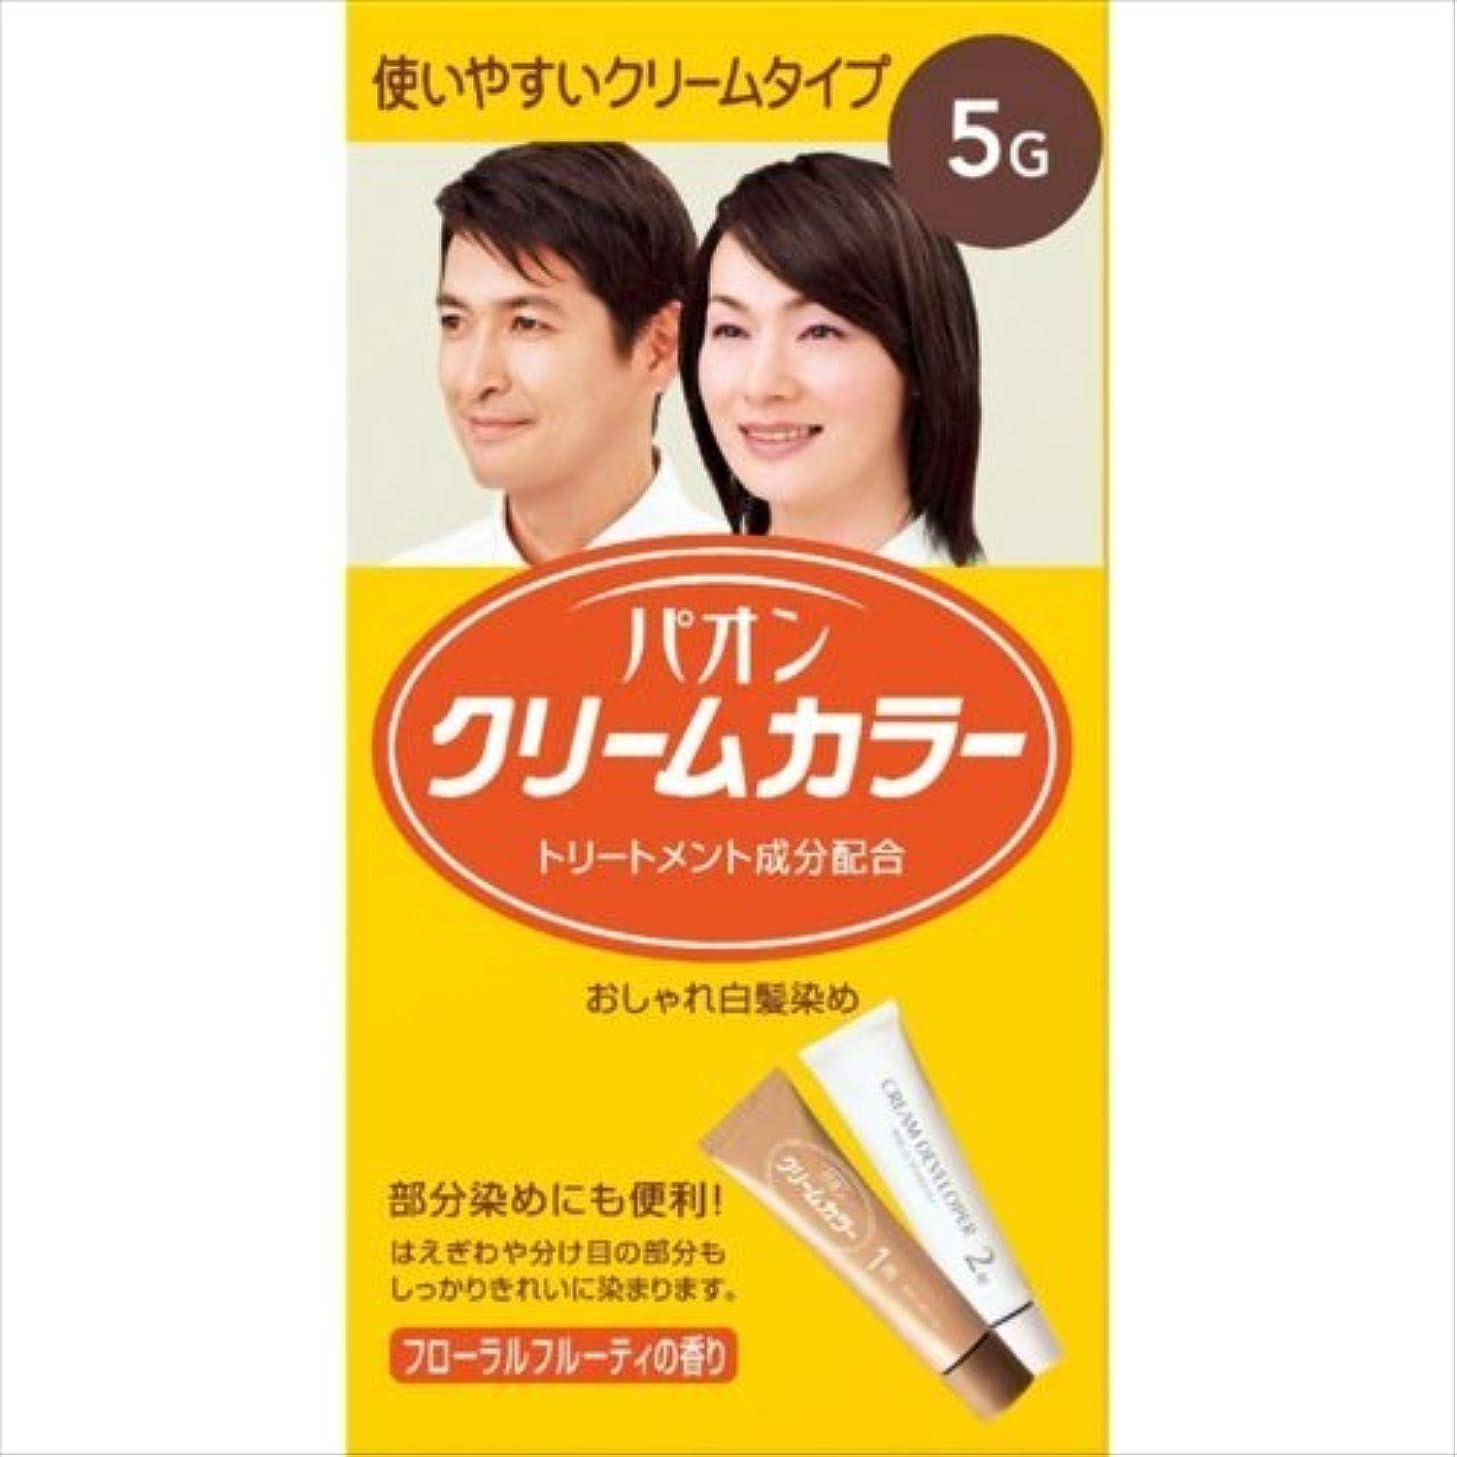 【シュワルツコフ ヘンケル】パオンクリームカラー5-G深みのある栗色40g+40g